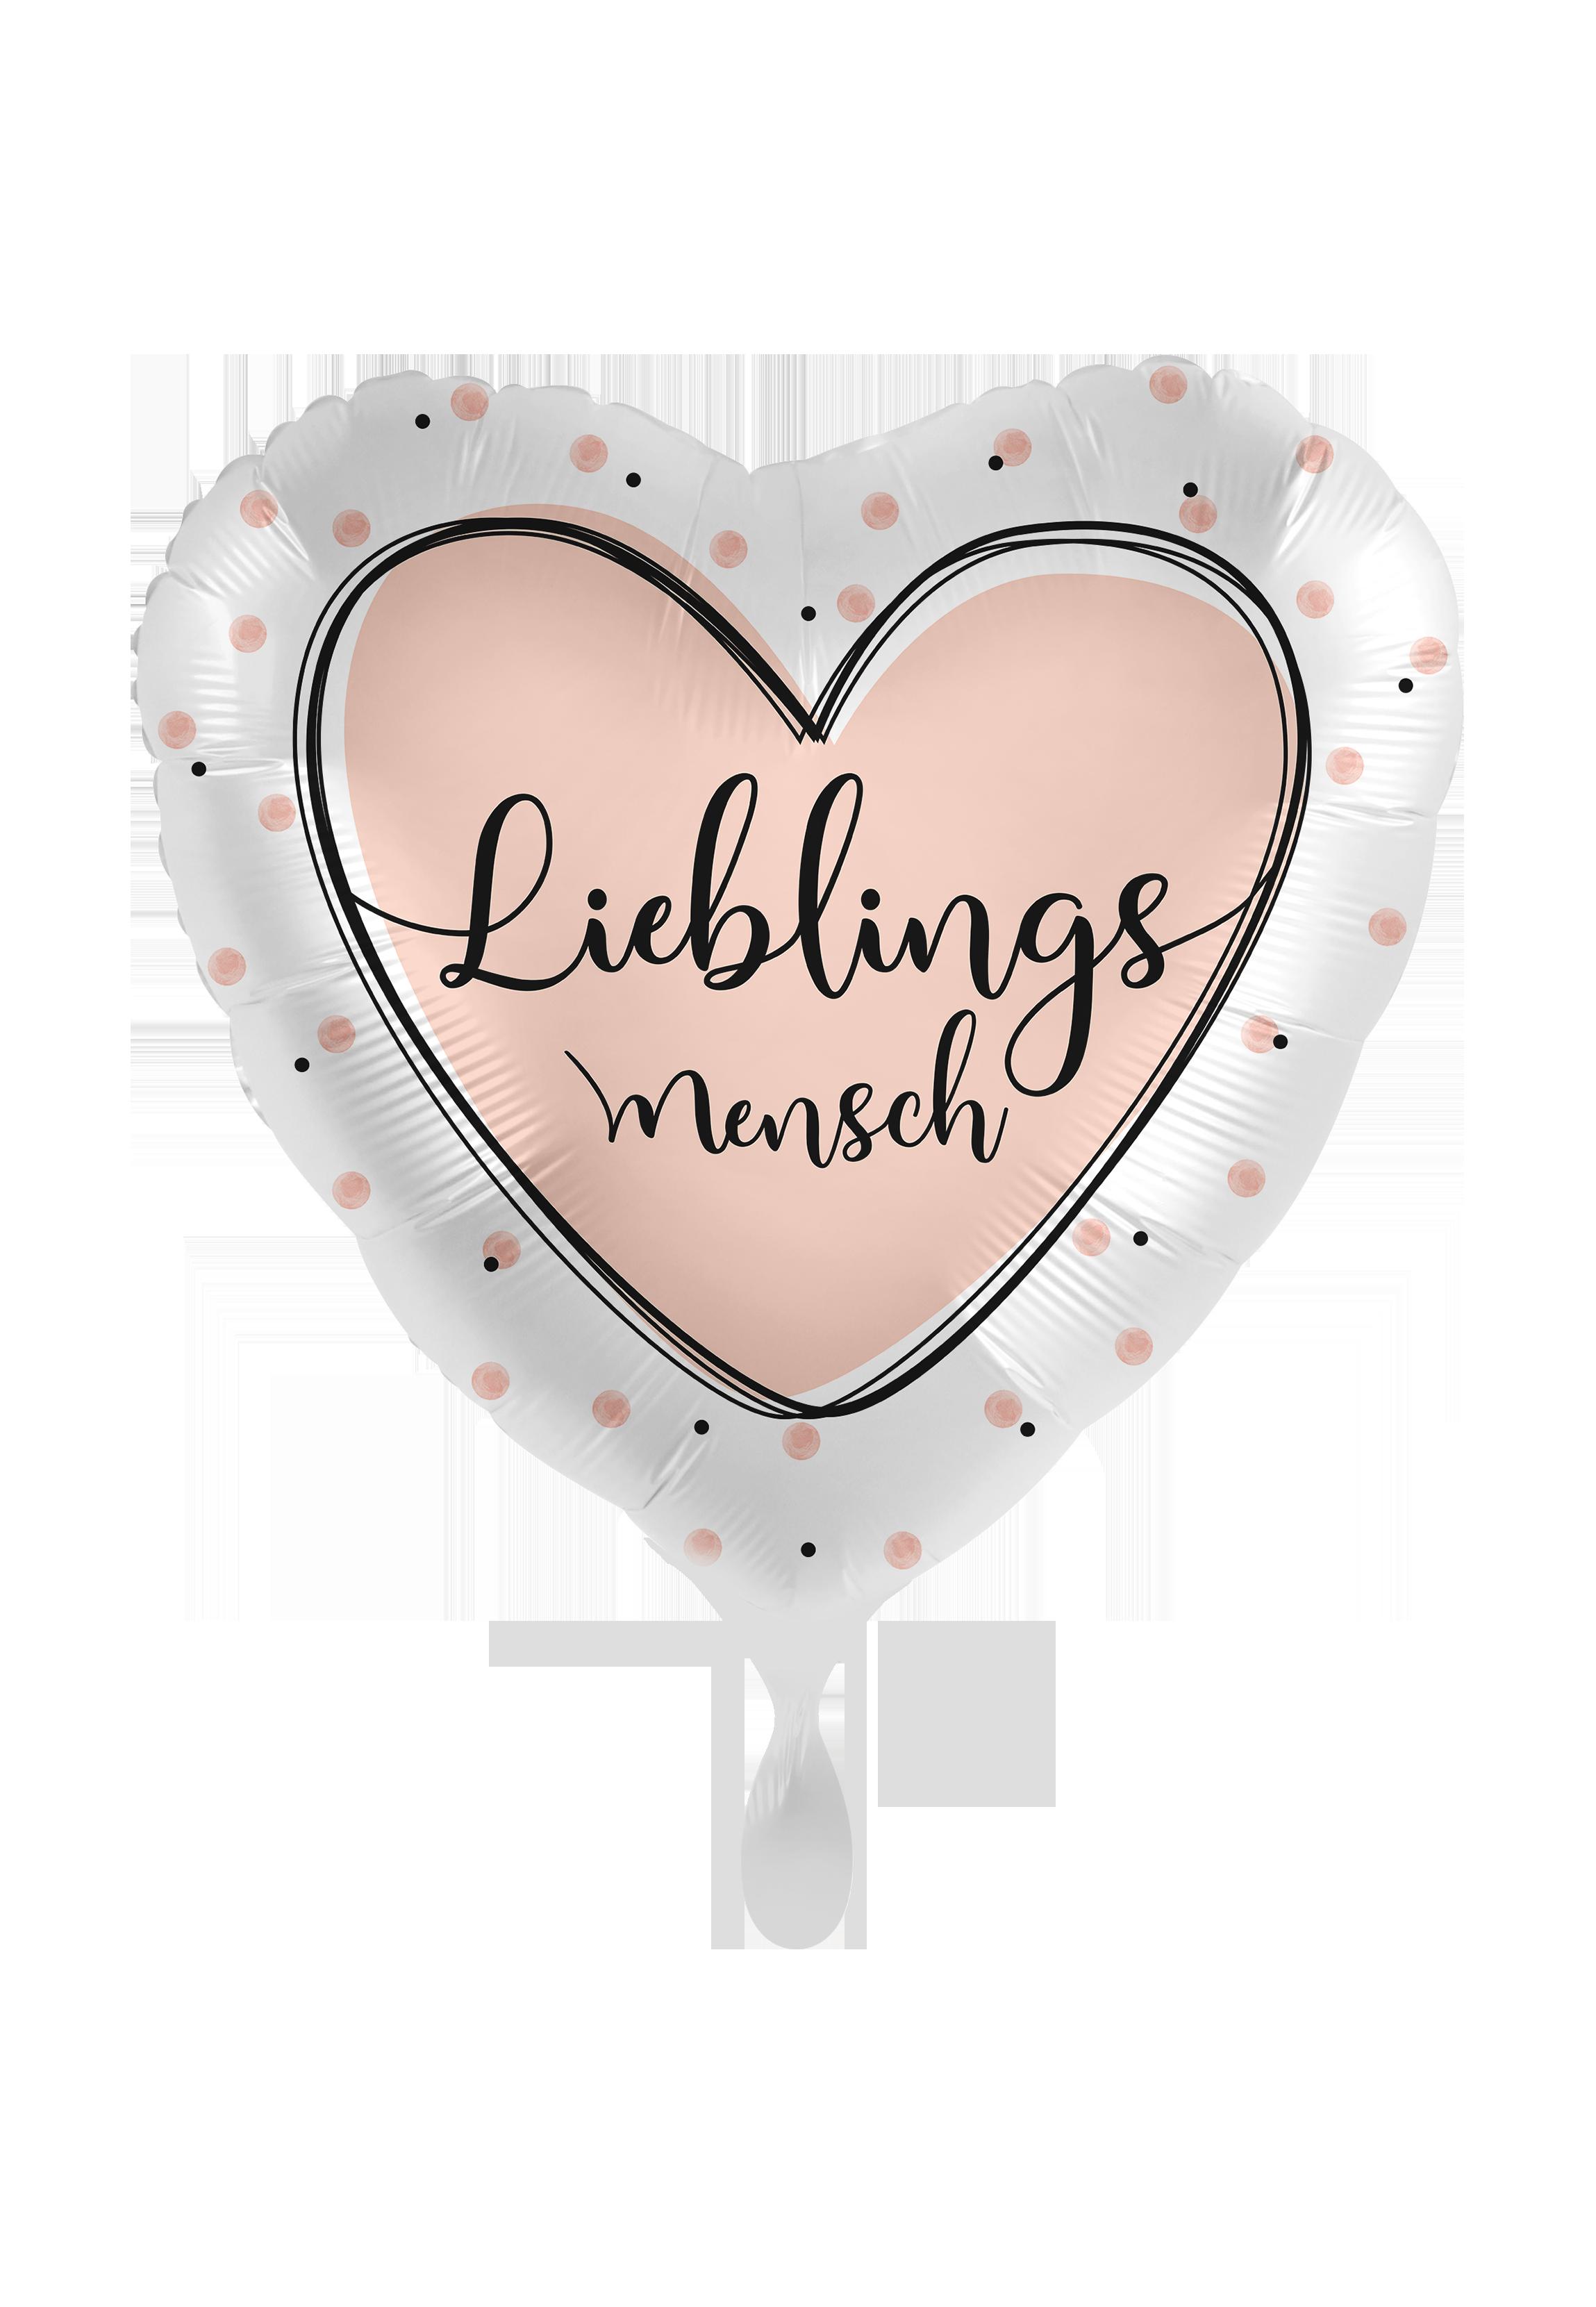 Luftballon_lieblingsmenschFp7YqAc3rAZiP